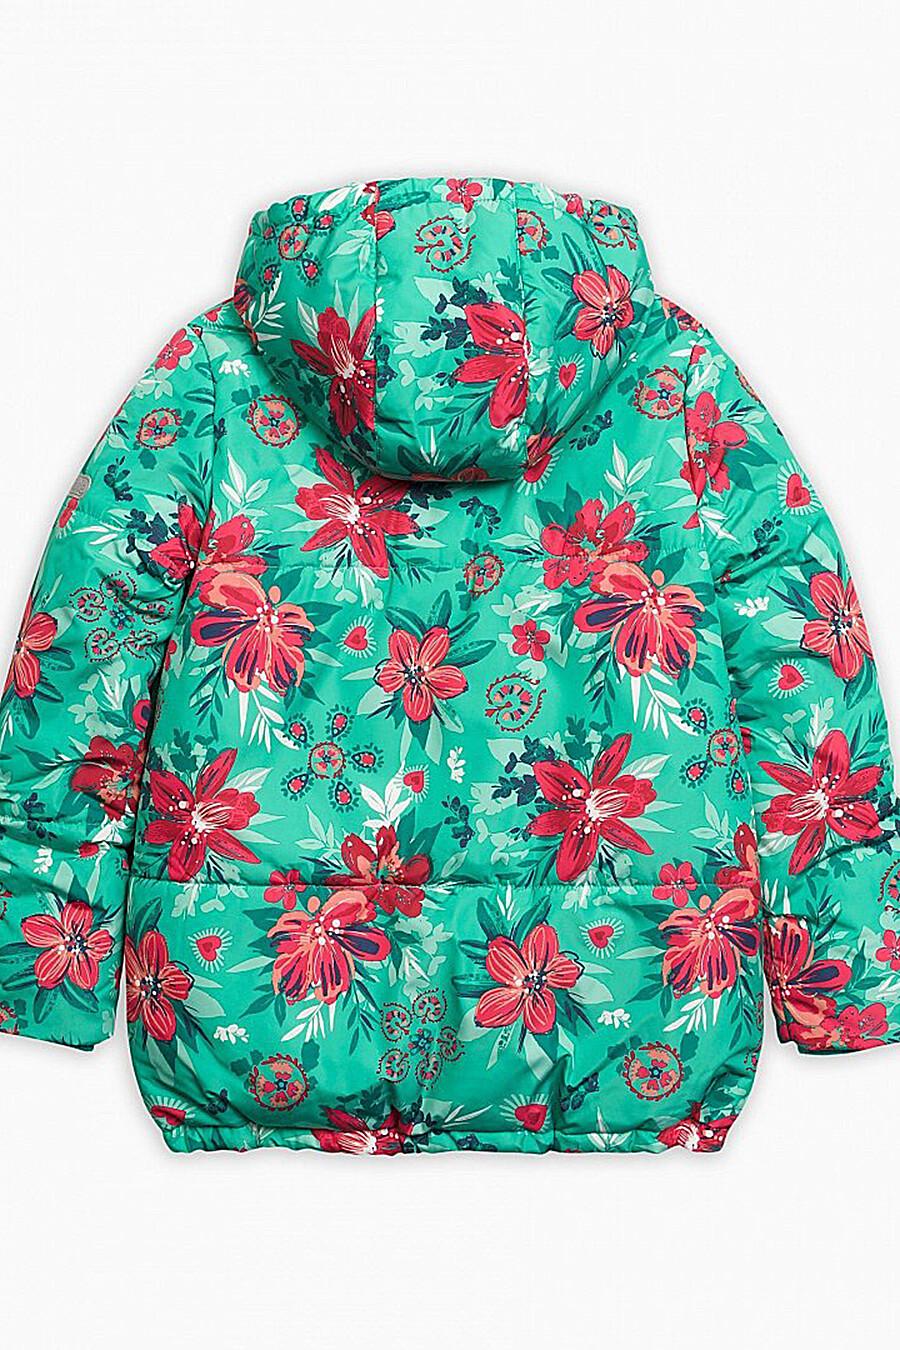 Куртка для девочек PELICAN 116951 купить оптом от производителя. Совместная покупка детской одежды в OptMoyo